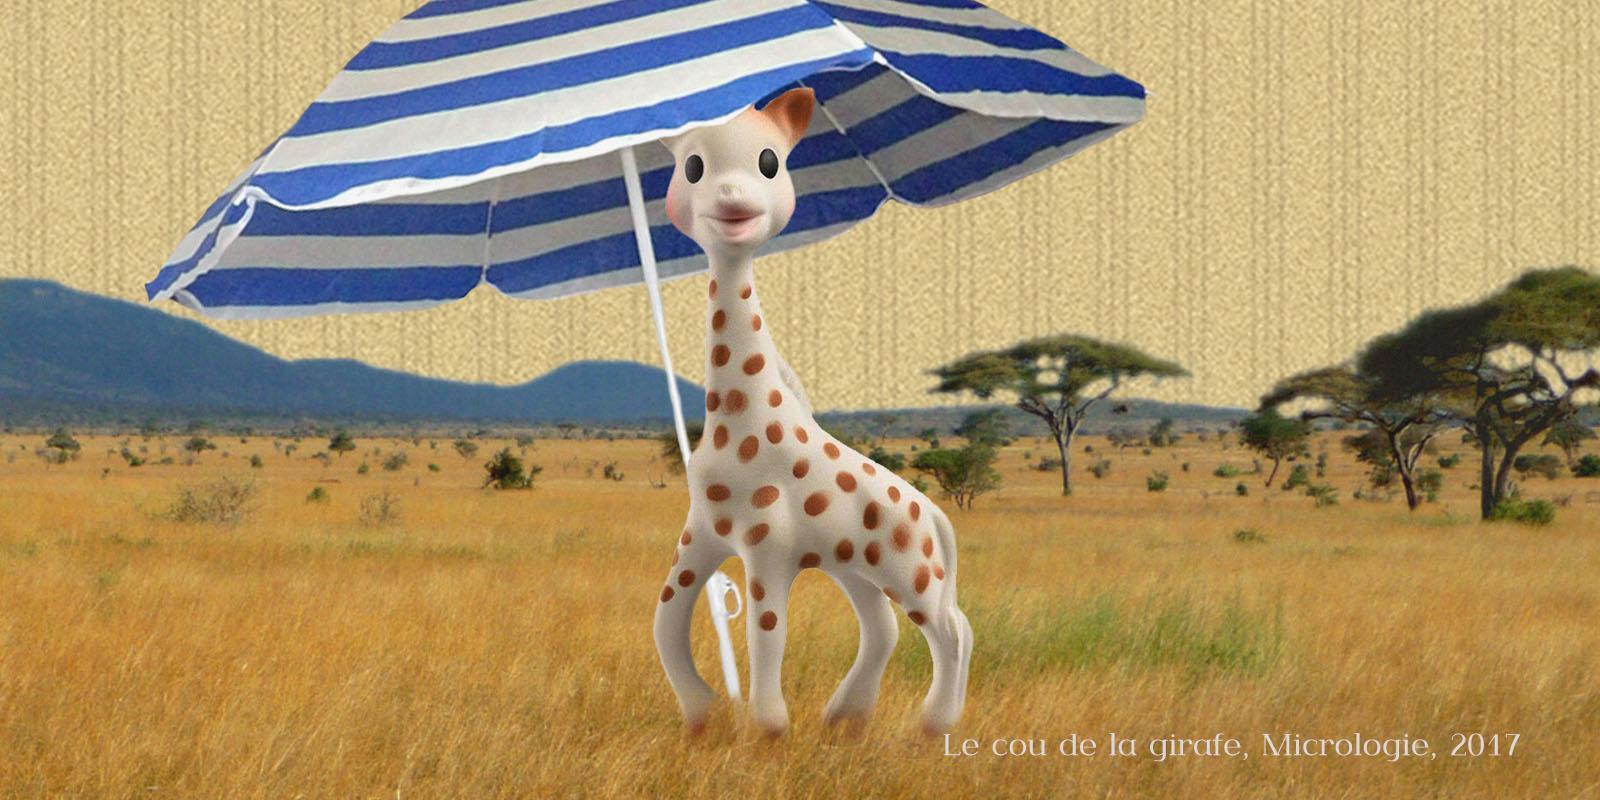 Le coup de la girafe, micrologie